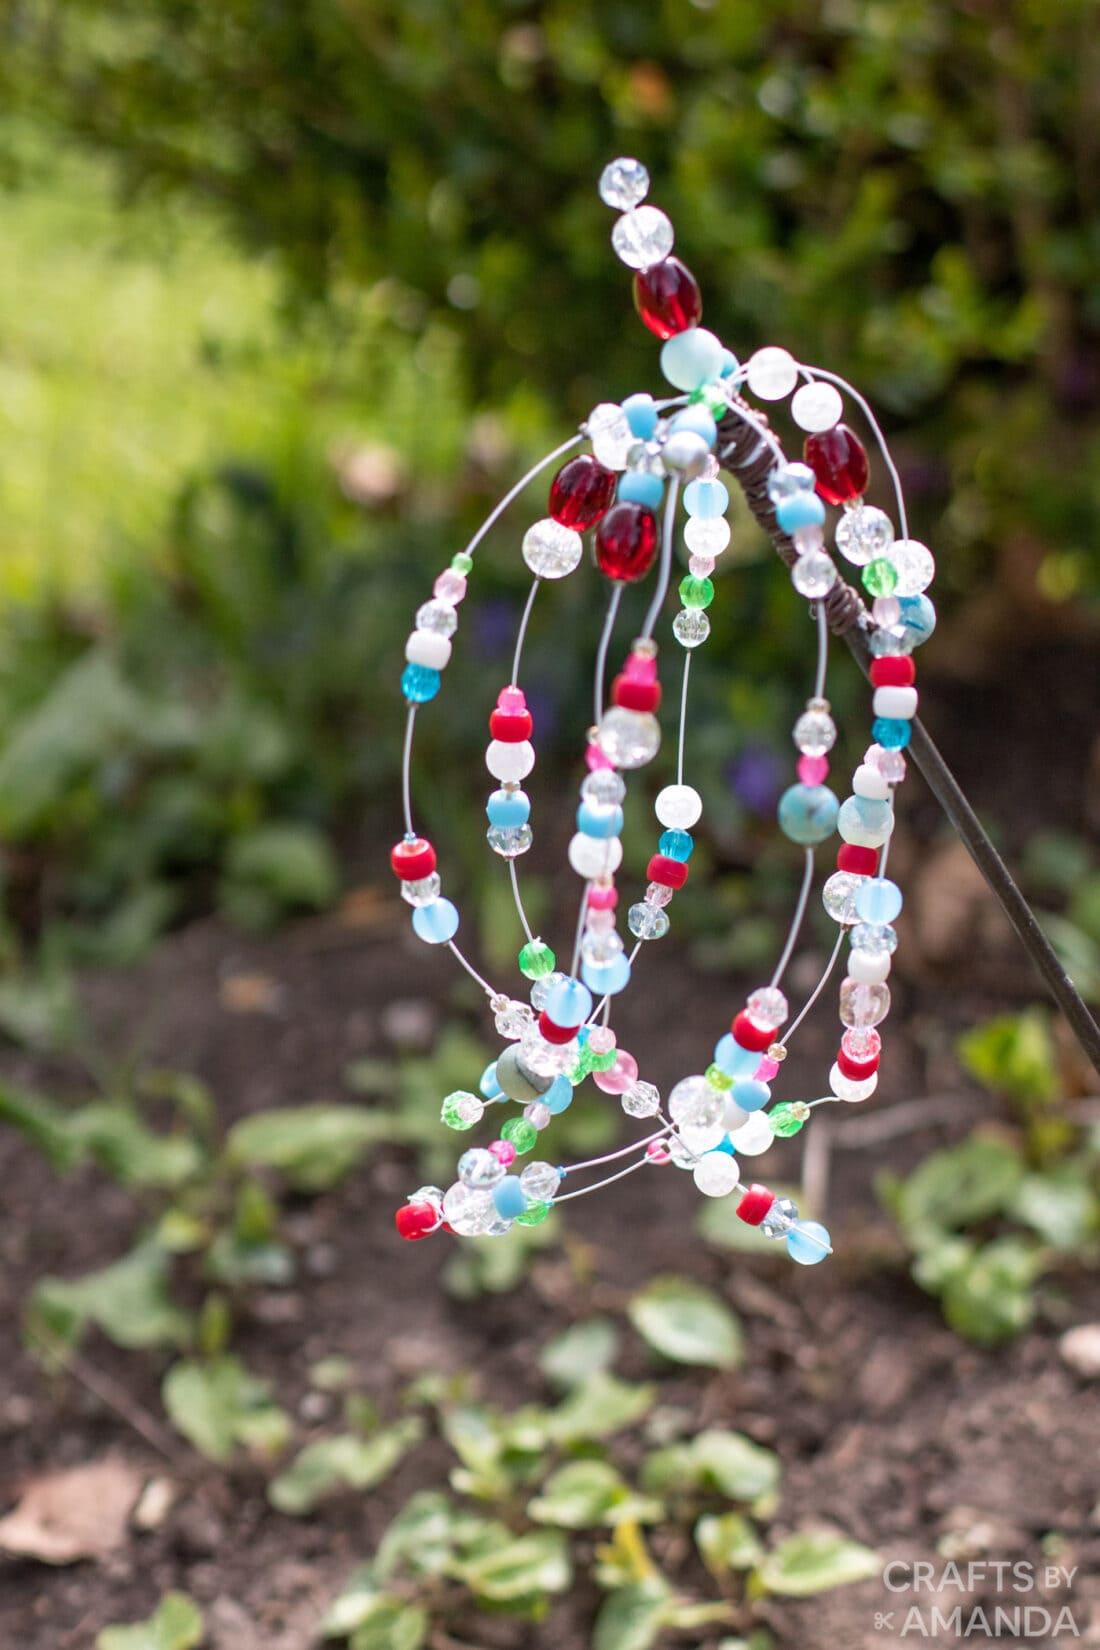 Beaded Garden Sparkler in yard